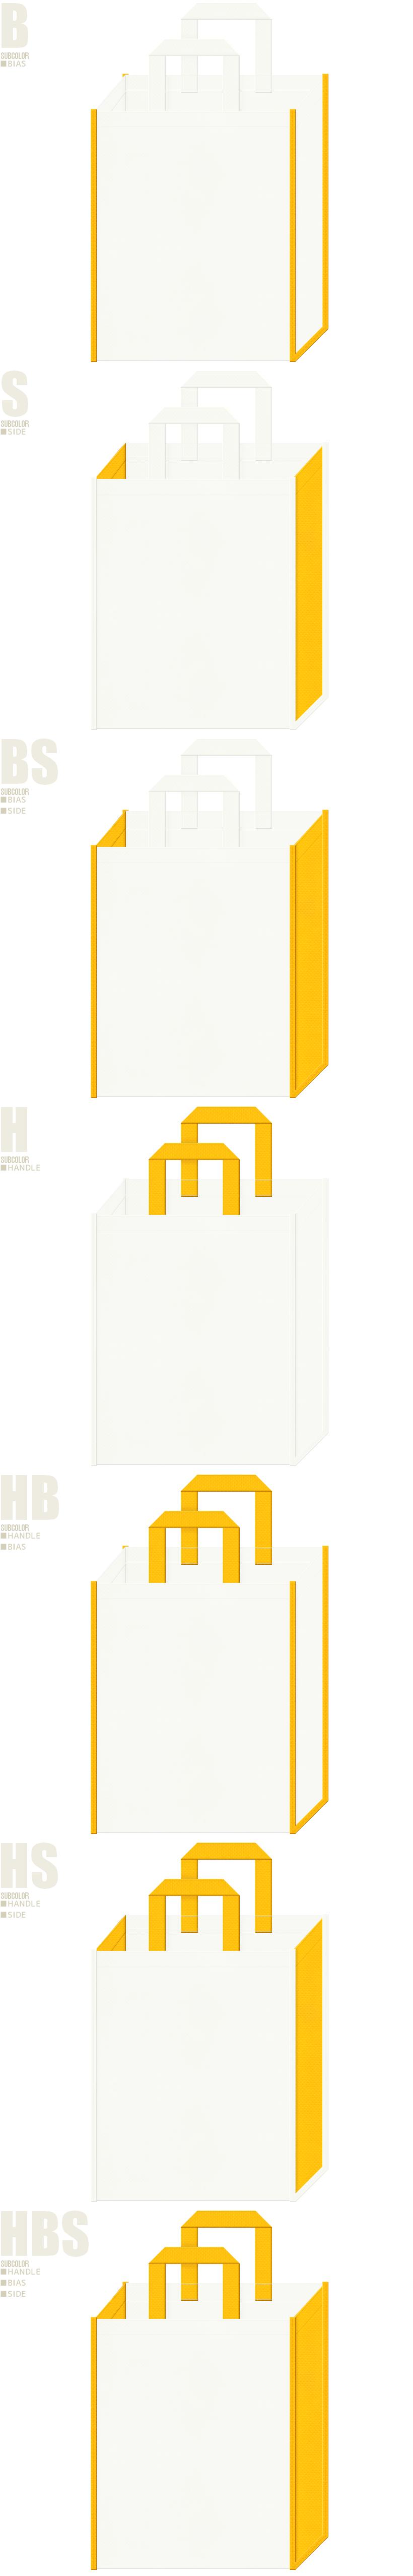 キッチン用品の展示会用バッグにお奨めのスクランブルエッグ風の配色です。オフホワイト色と黄色の不織布バッグ配色7パターンのデザイン。